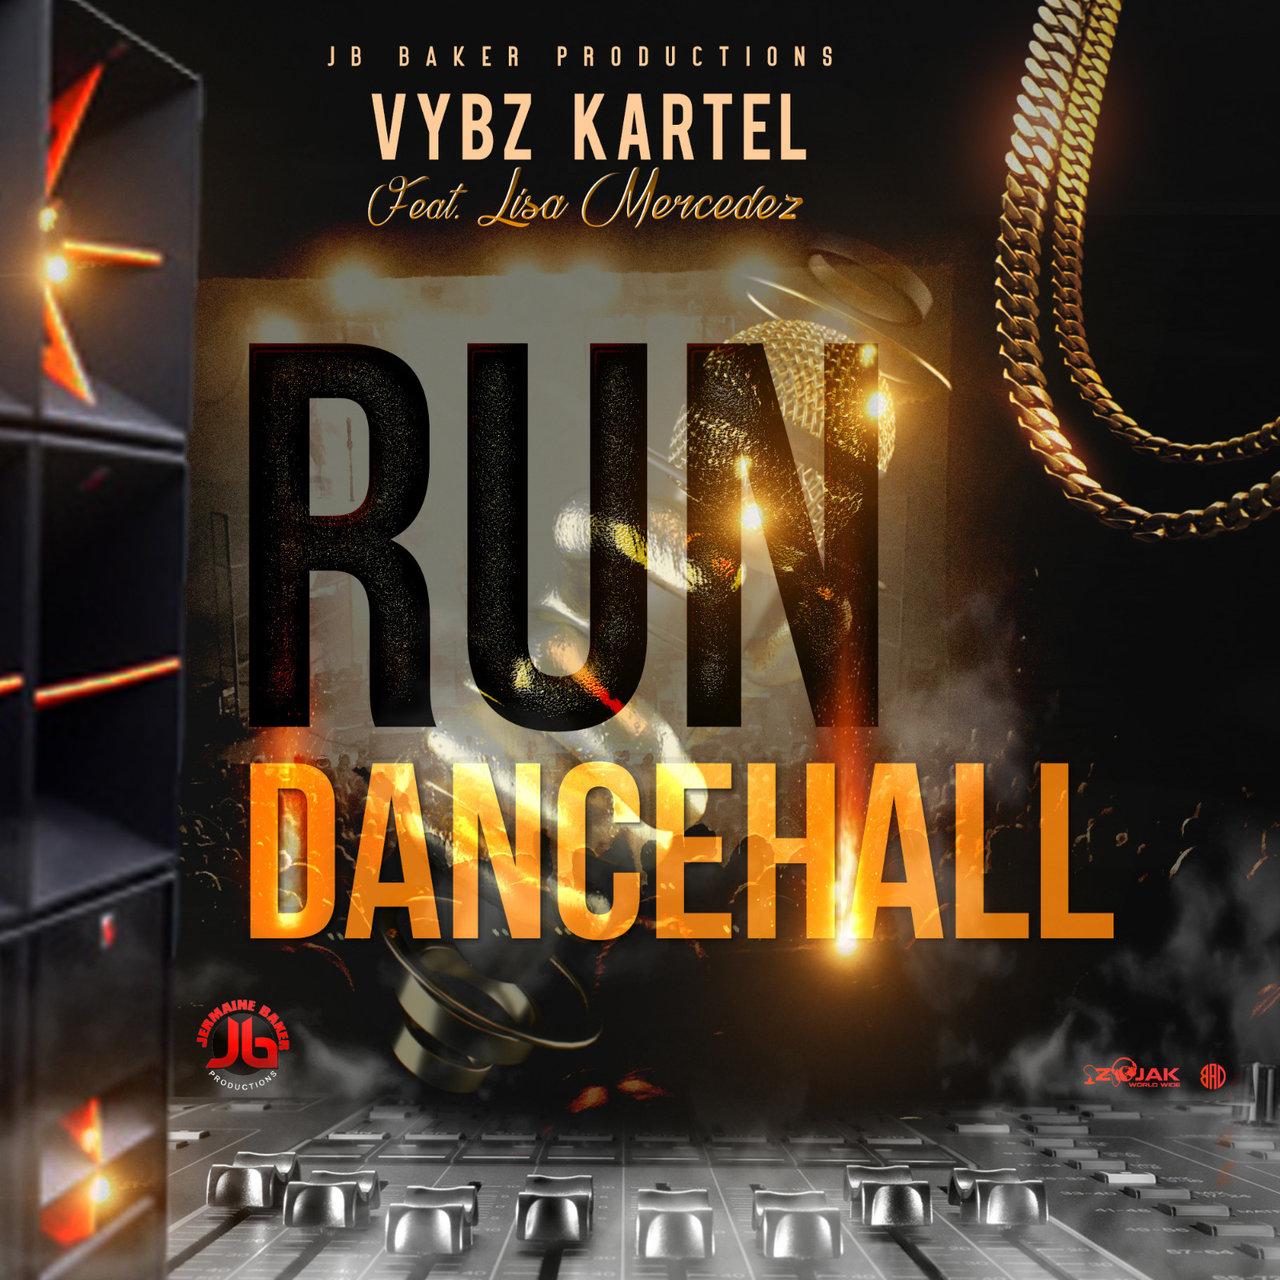 Vybz Kartel - Run Dancehall (ft. Lisa Mercedez) (Cover)